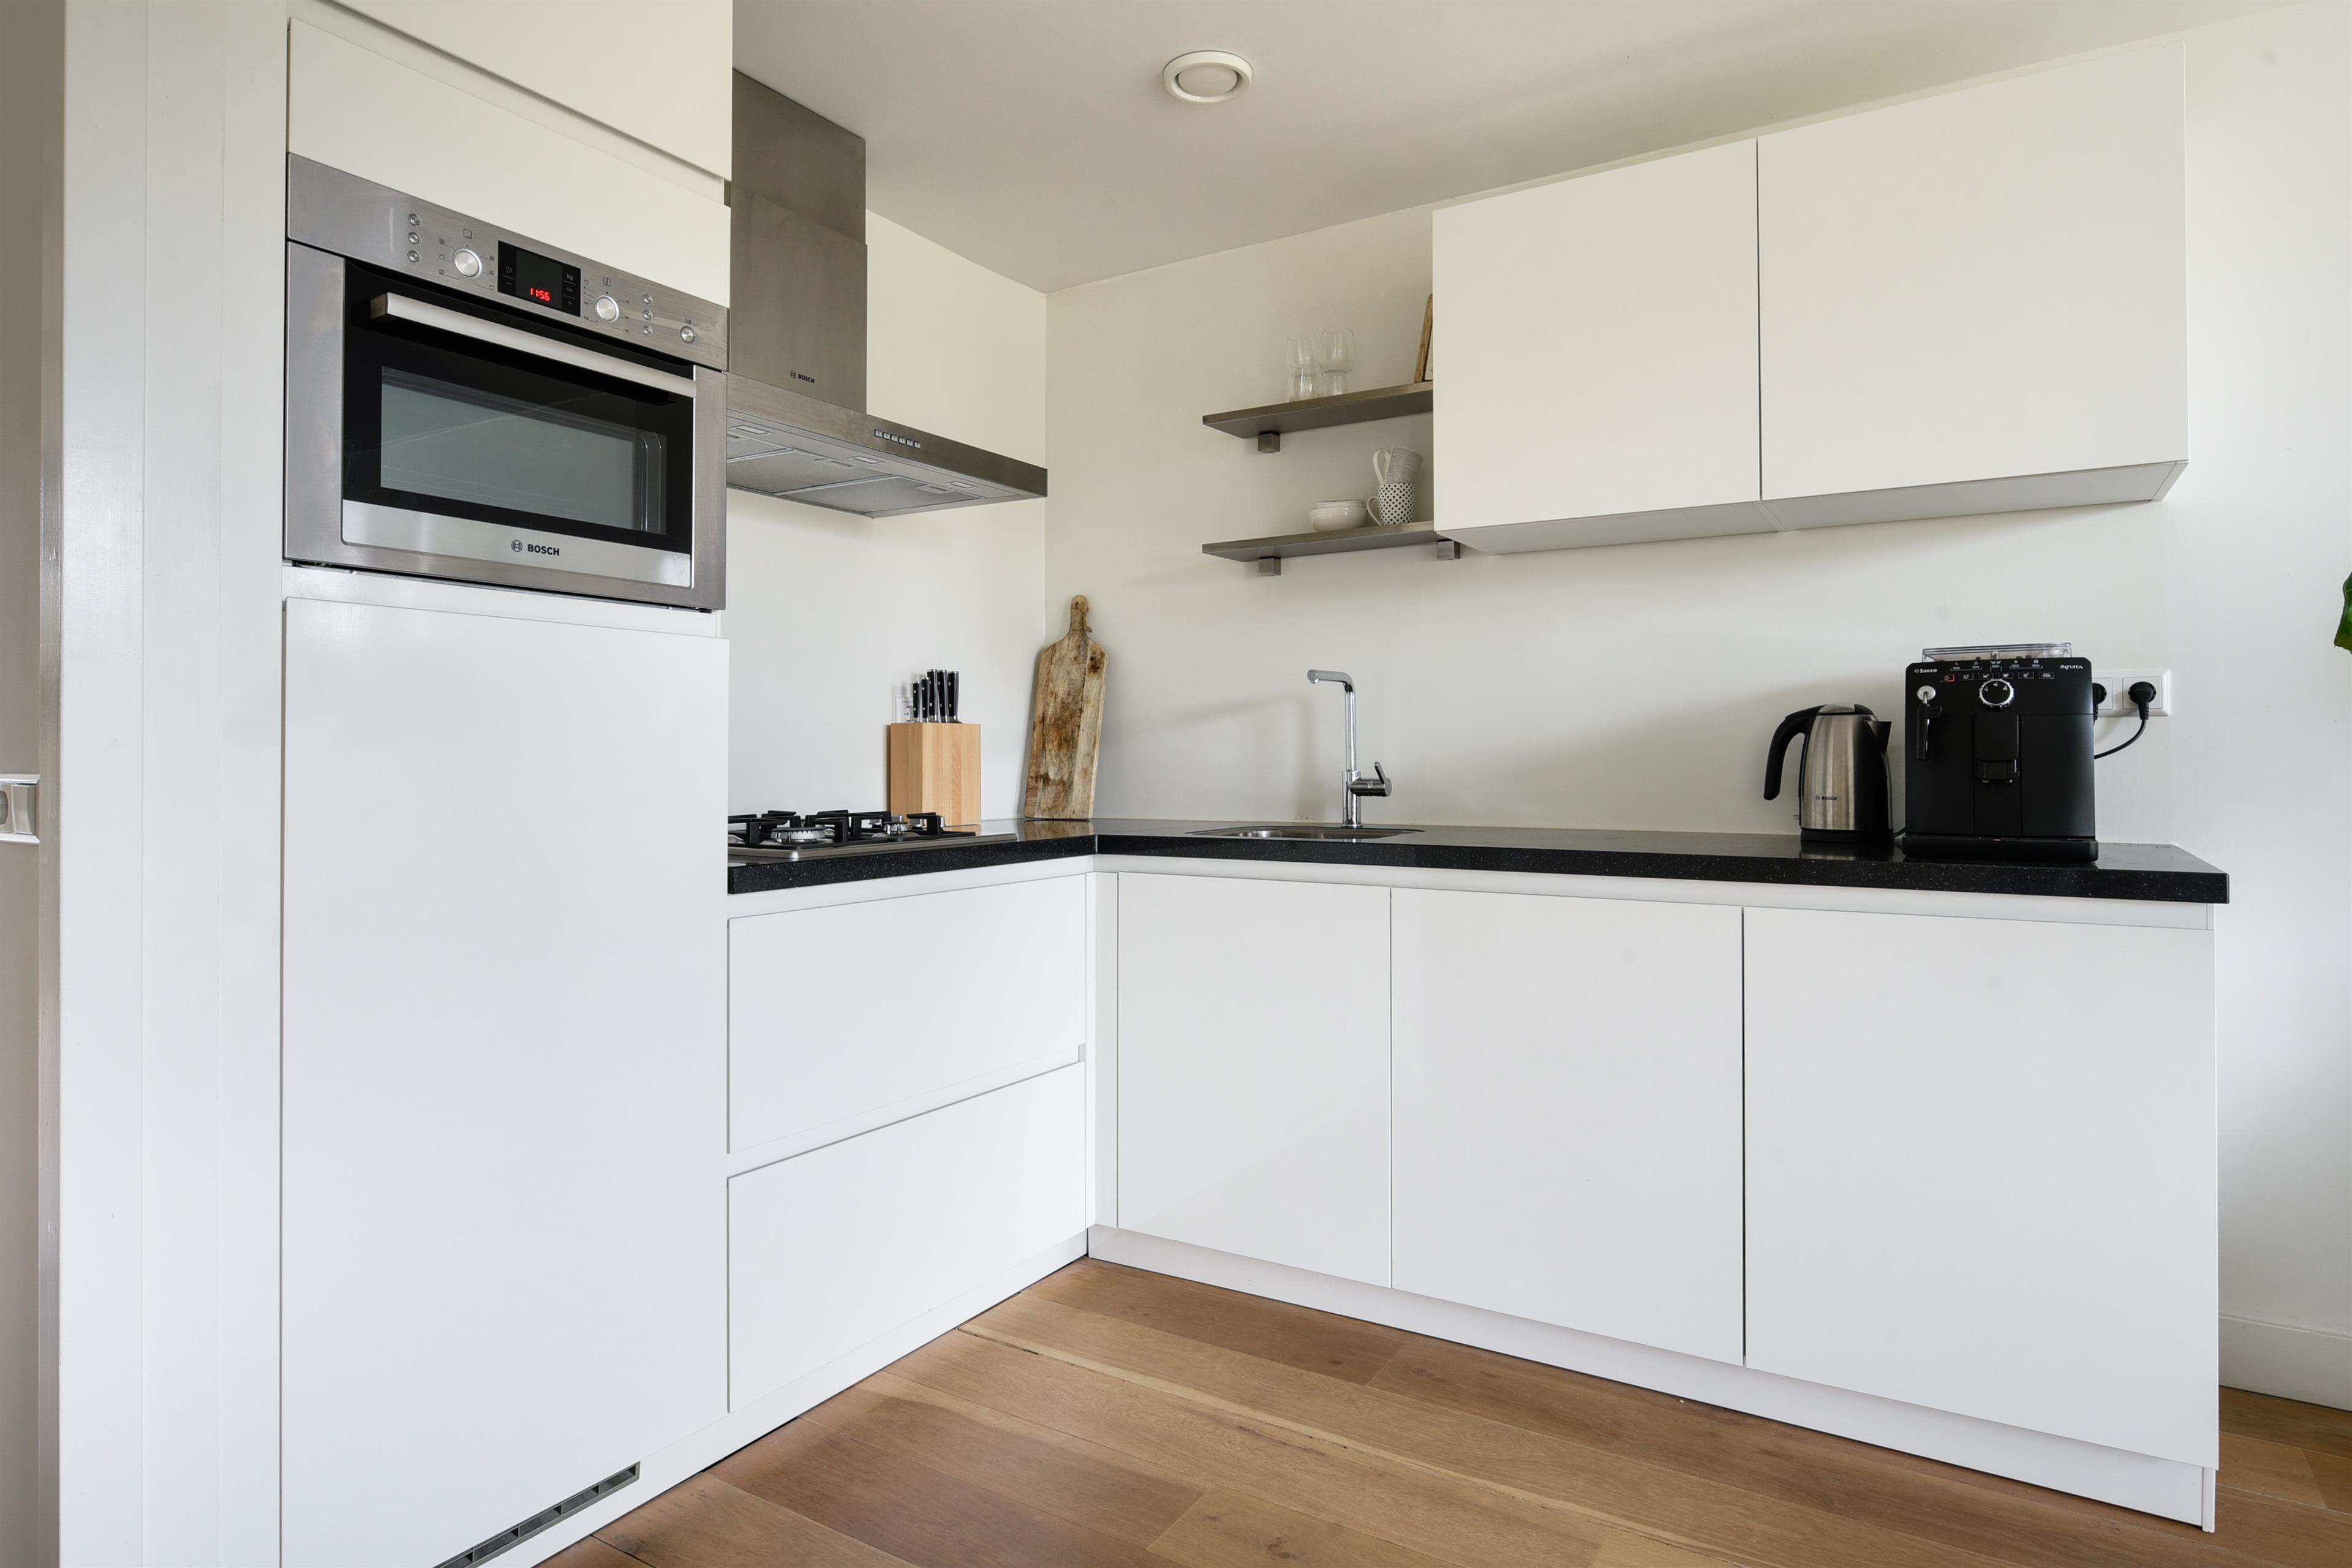 Moderne Open Keukens : Moderne open keuken met spoel cyamidtracker